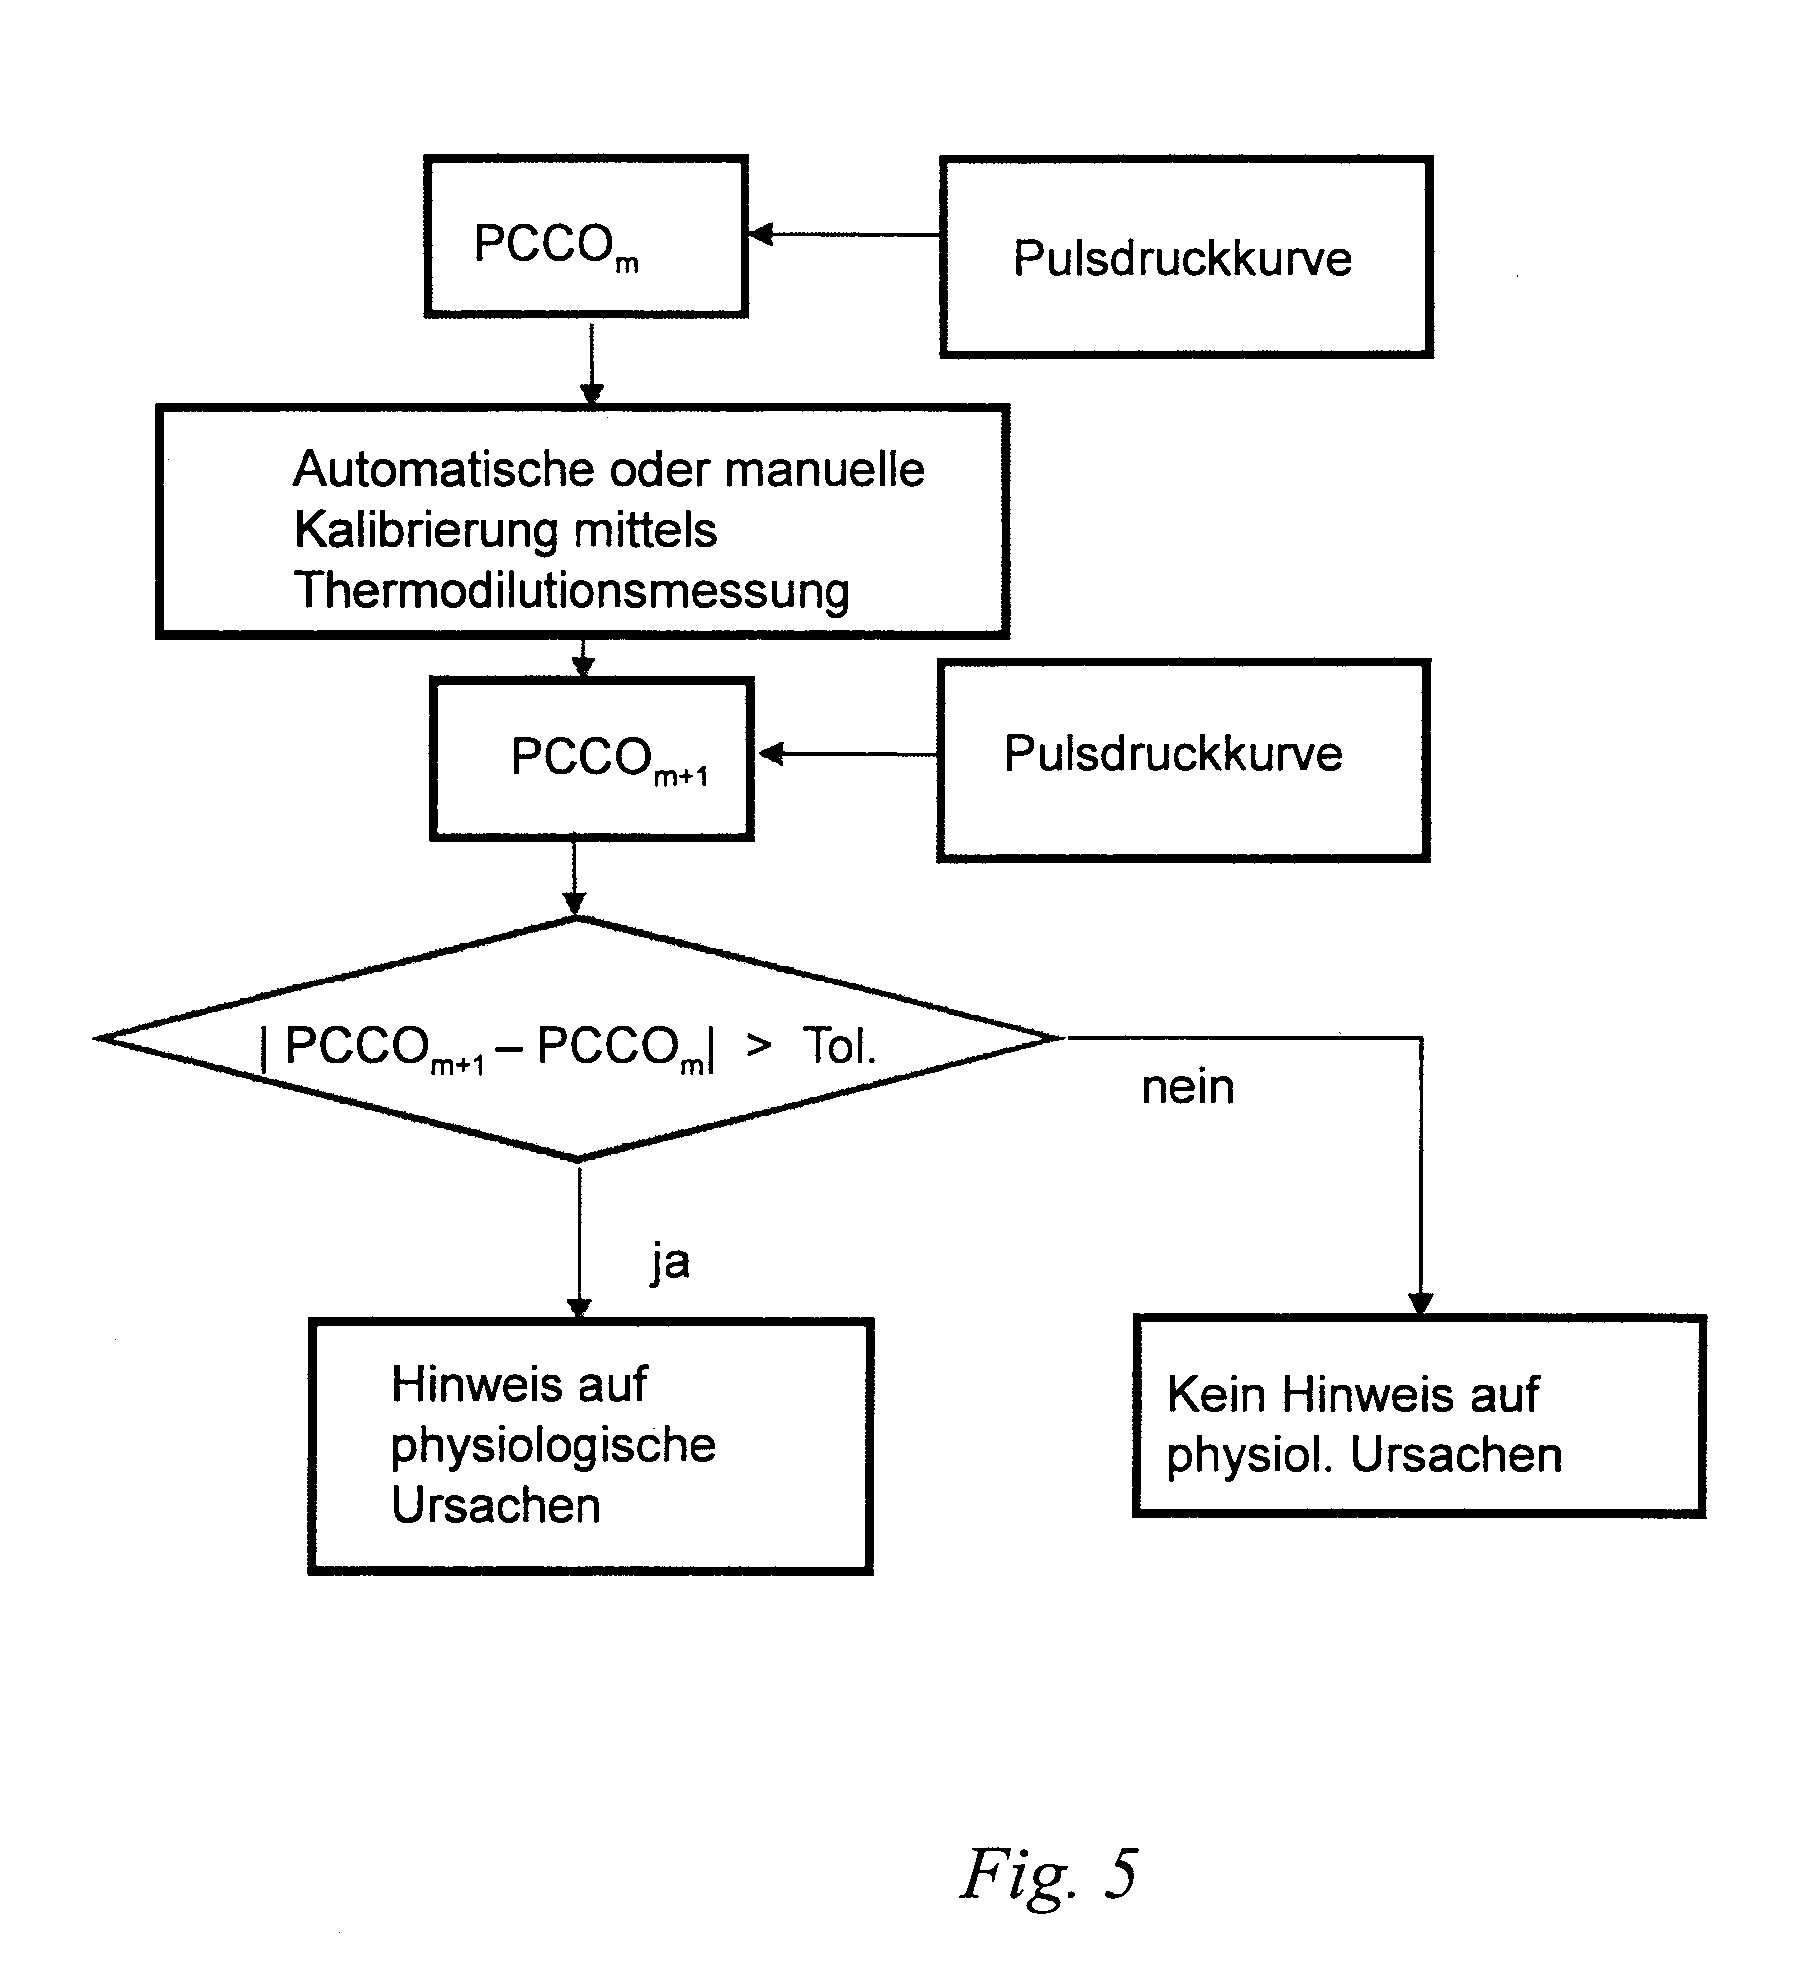 Herzzeitvolumen Berechnen : patente ep2574276a1 vorrichtung zur h modynamischen ~ Themetempest.com Abrechnung